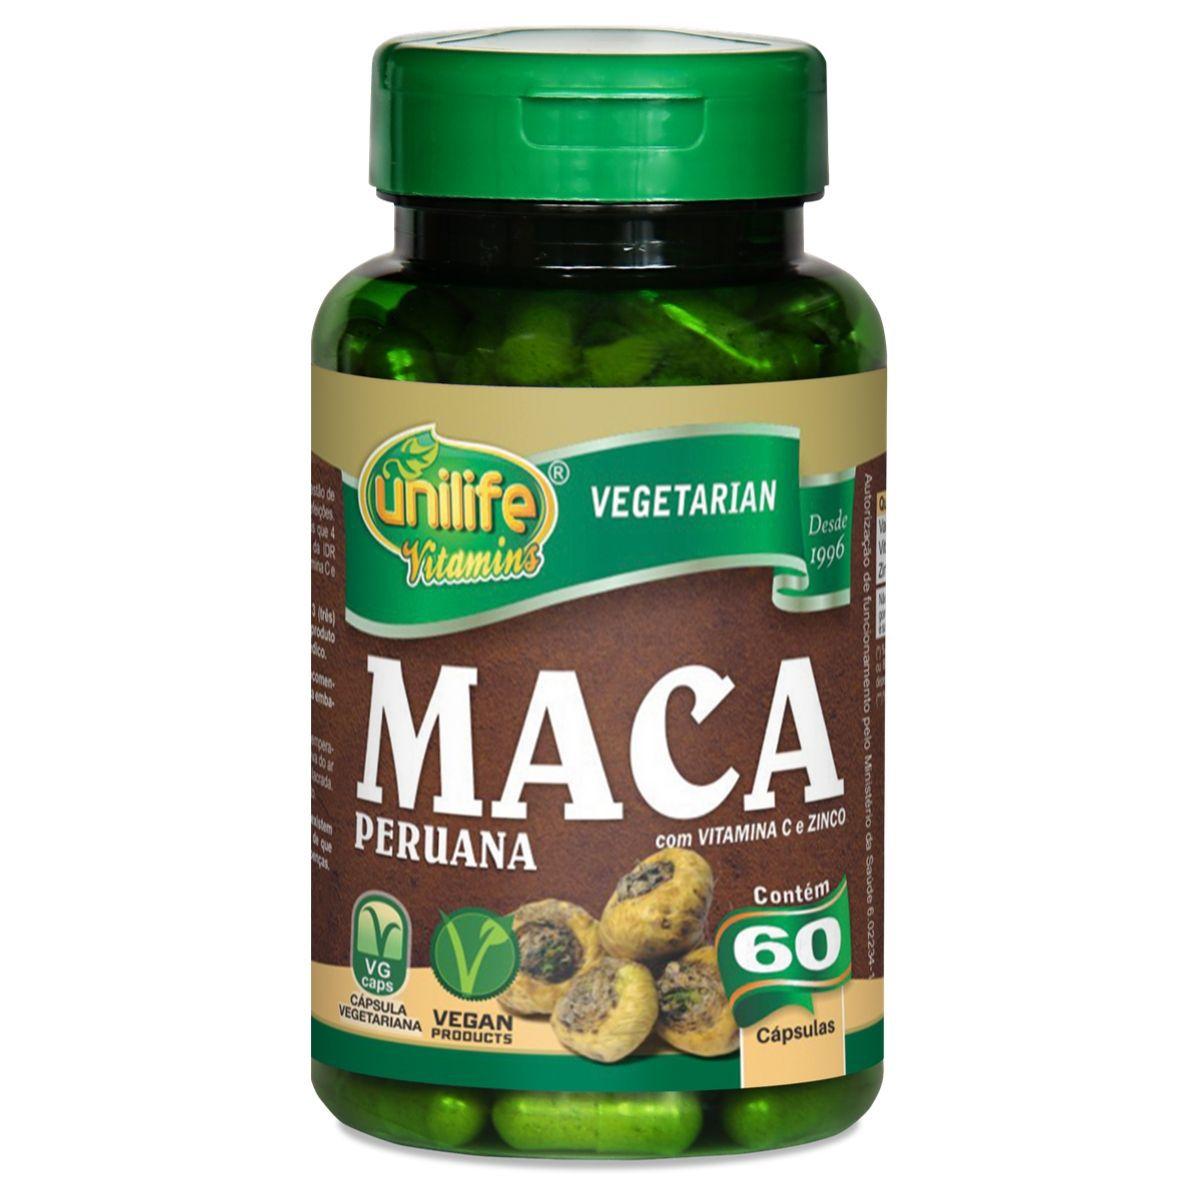 Maca Peruana C/ Vitaminas 550mg 60 Cápsulas - Unilife